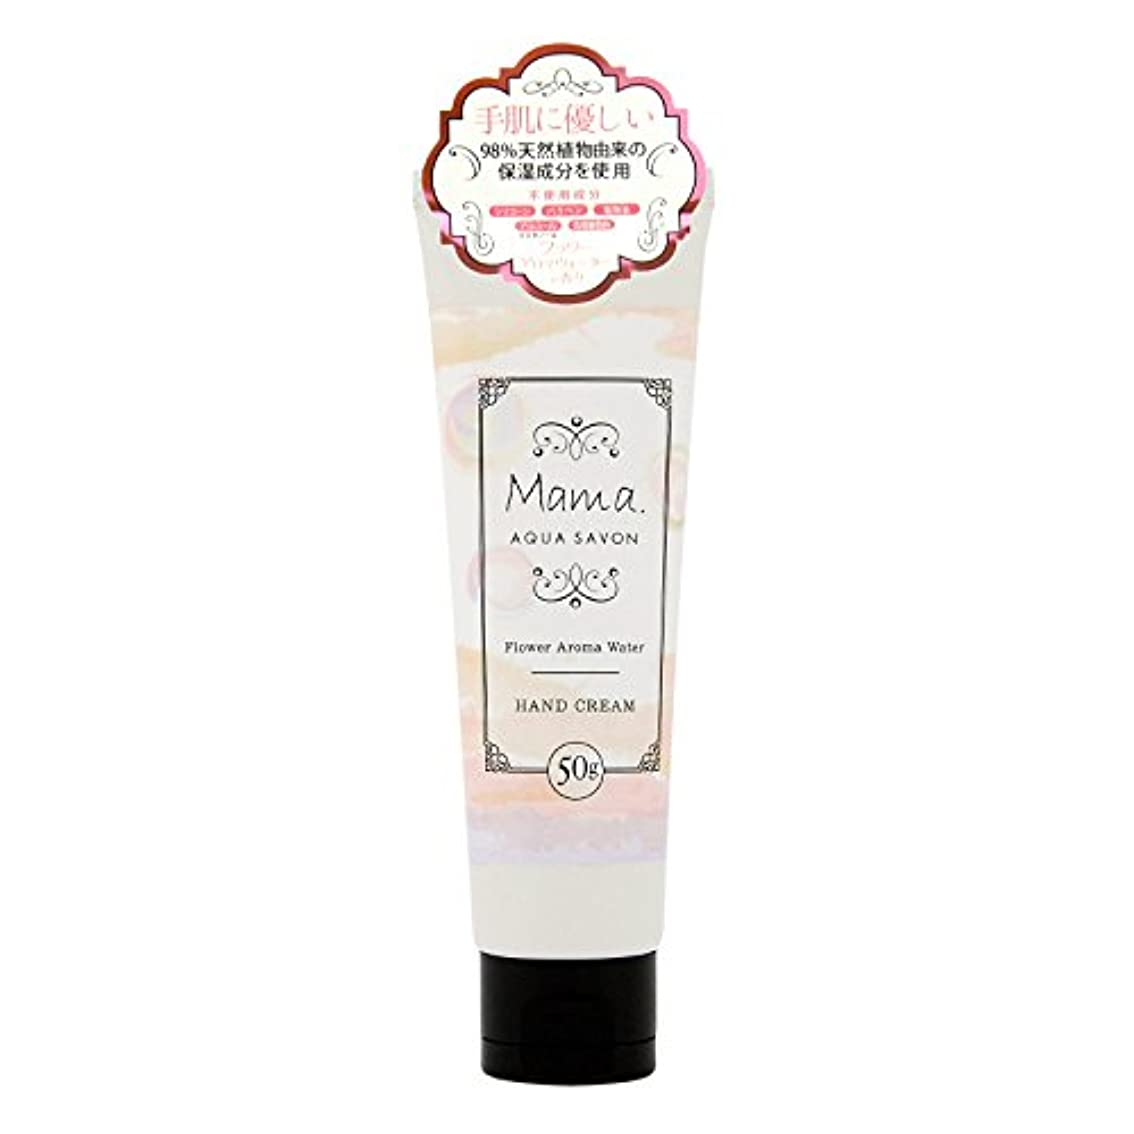 特異な懲戒通信するママ アクアシャボン ハンドクリーム フラワーアロマウォーターの香り 50g